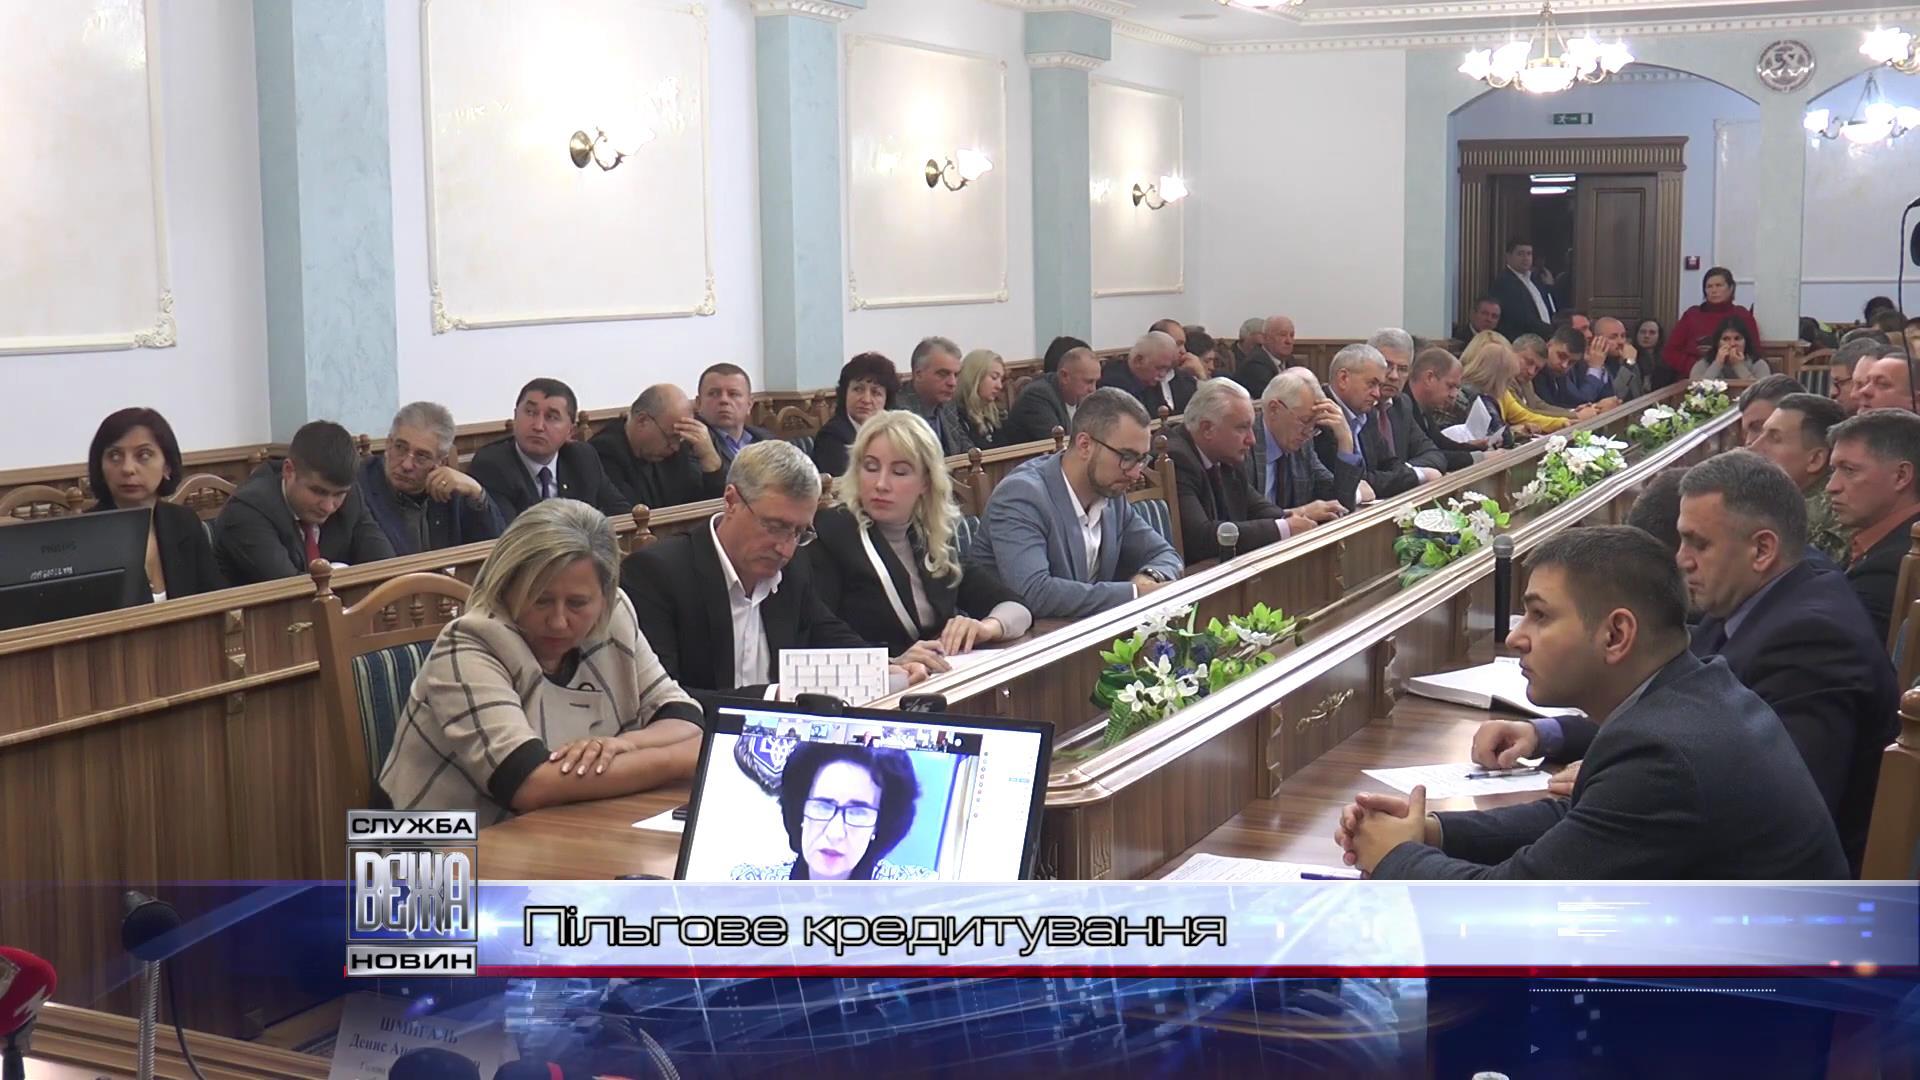 Програму доступного житла реалізовують в Івано-Франківську[21-29-44]